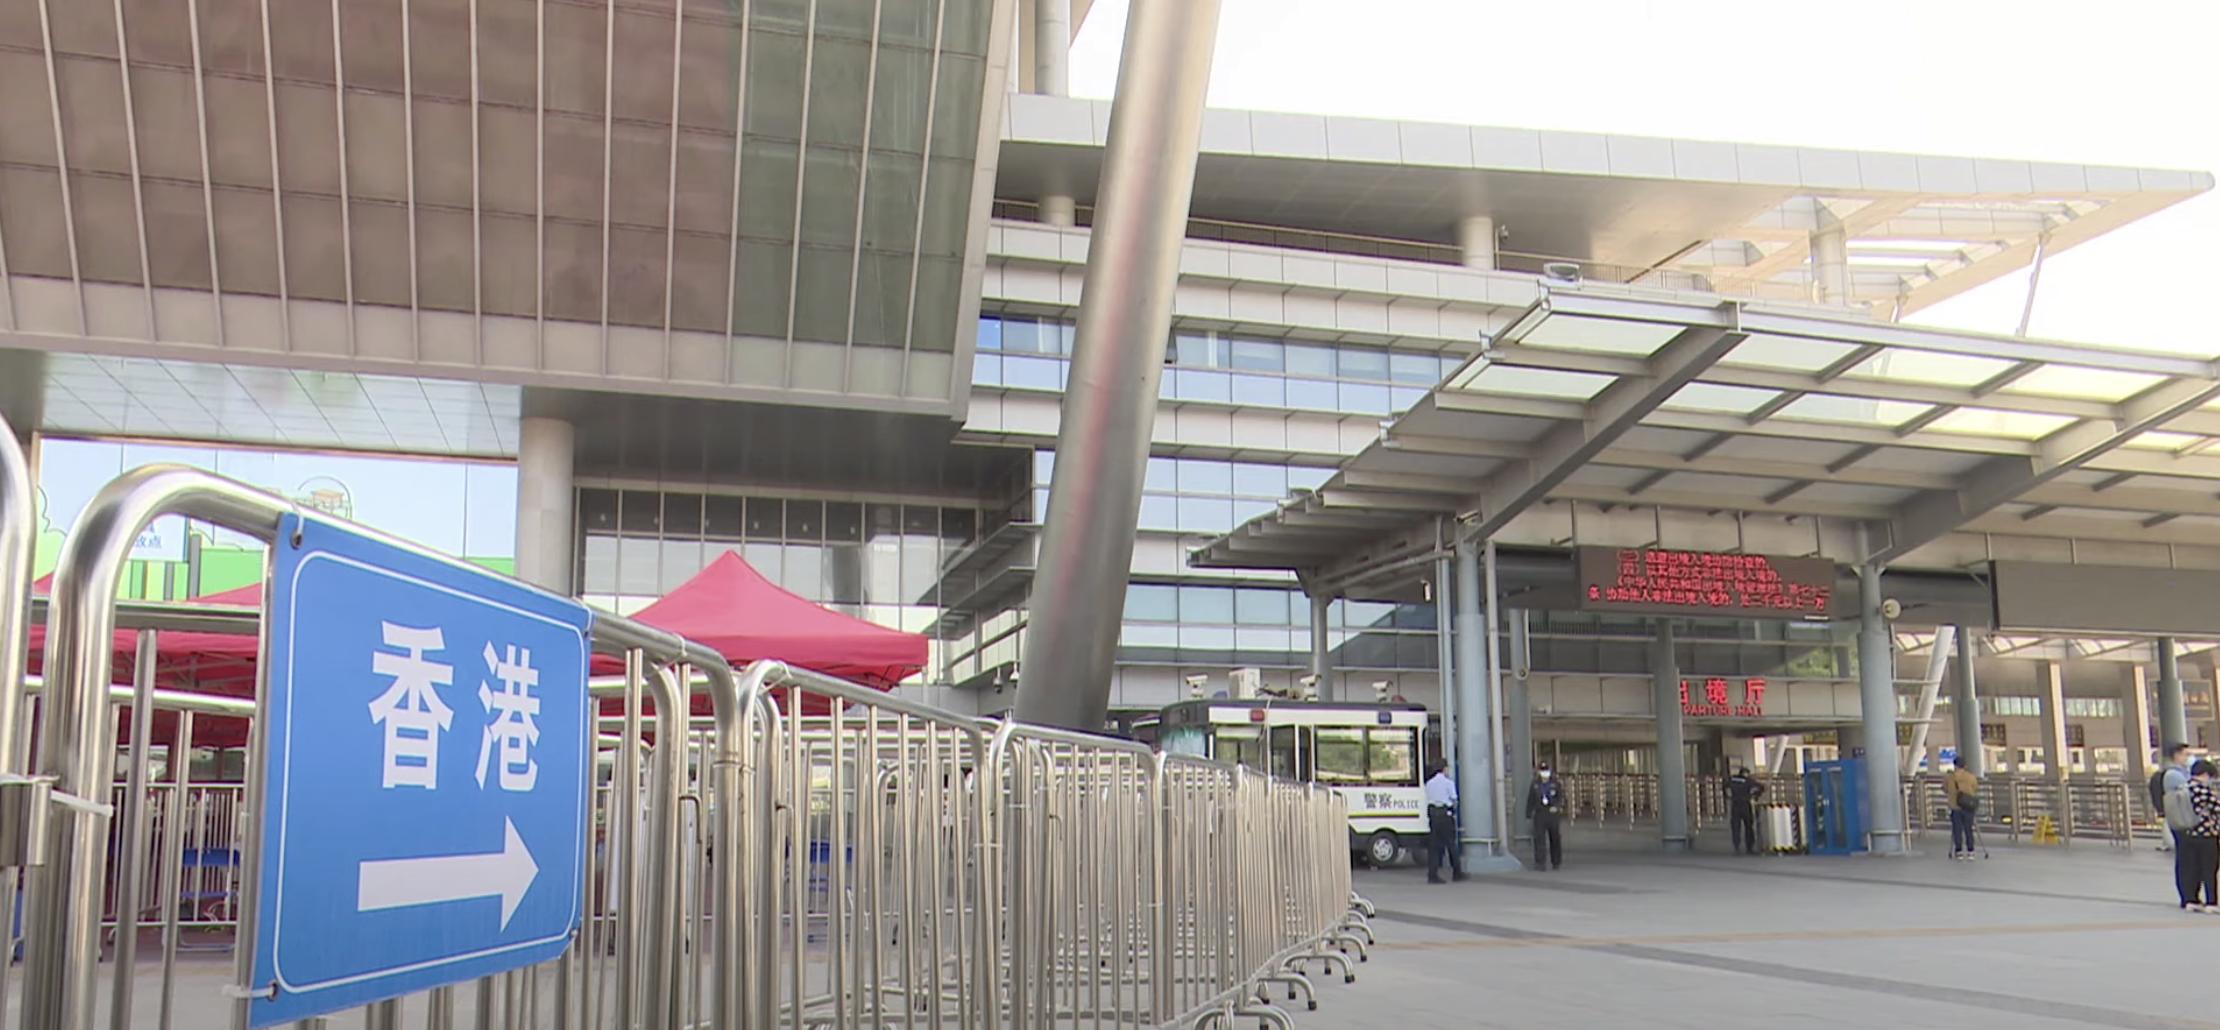 香港政府於周三(9月15日)推出「來港易」計劃,容許身處廣東省和澳門,並符合條件的非香港居民,來港可獲豁免檢疫。